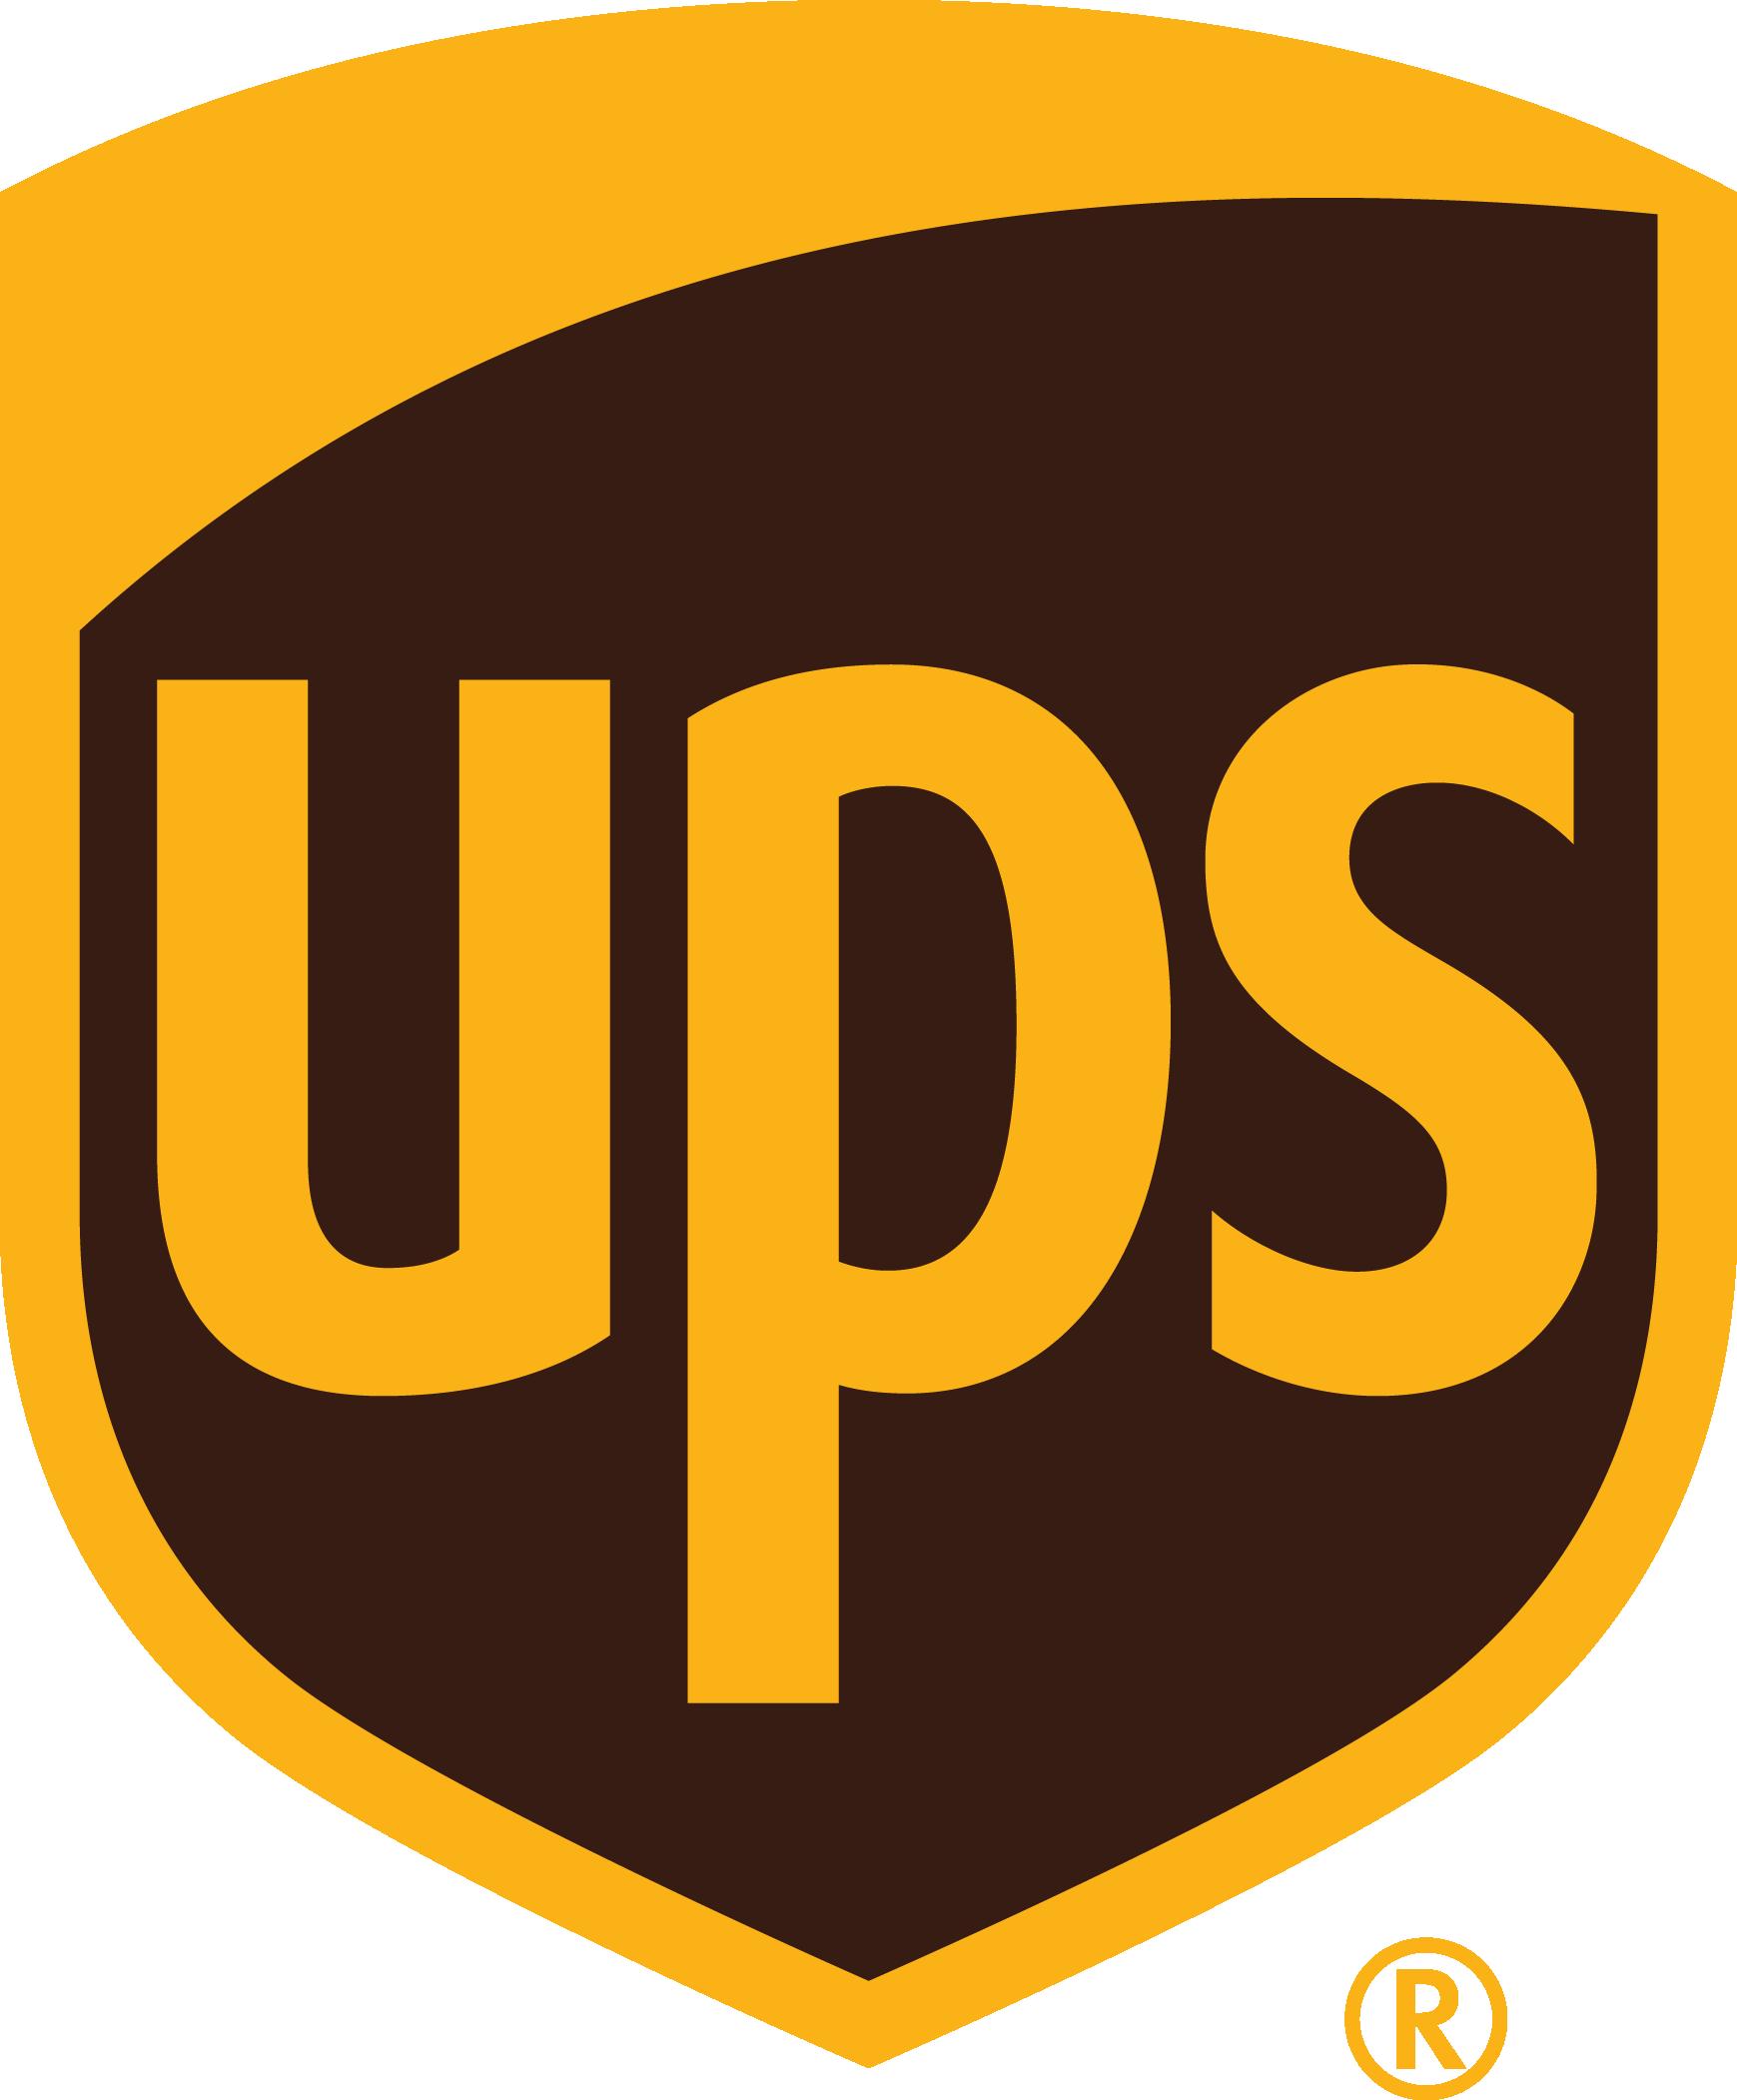 ups_logo - Logo Ups PNG